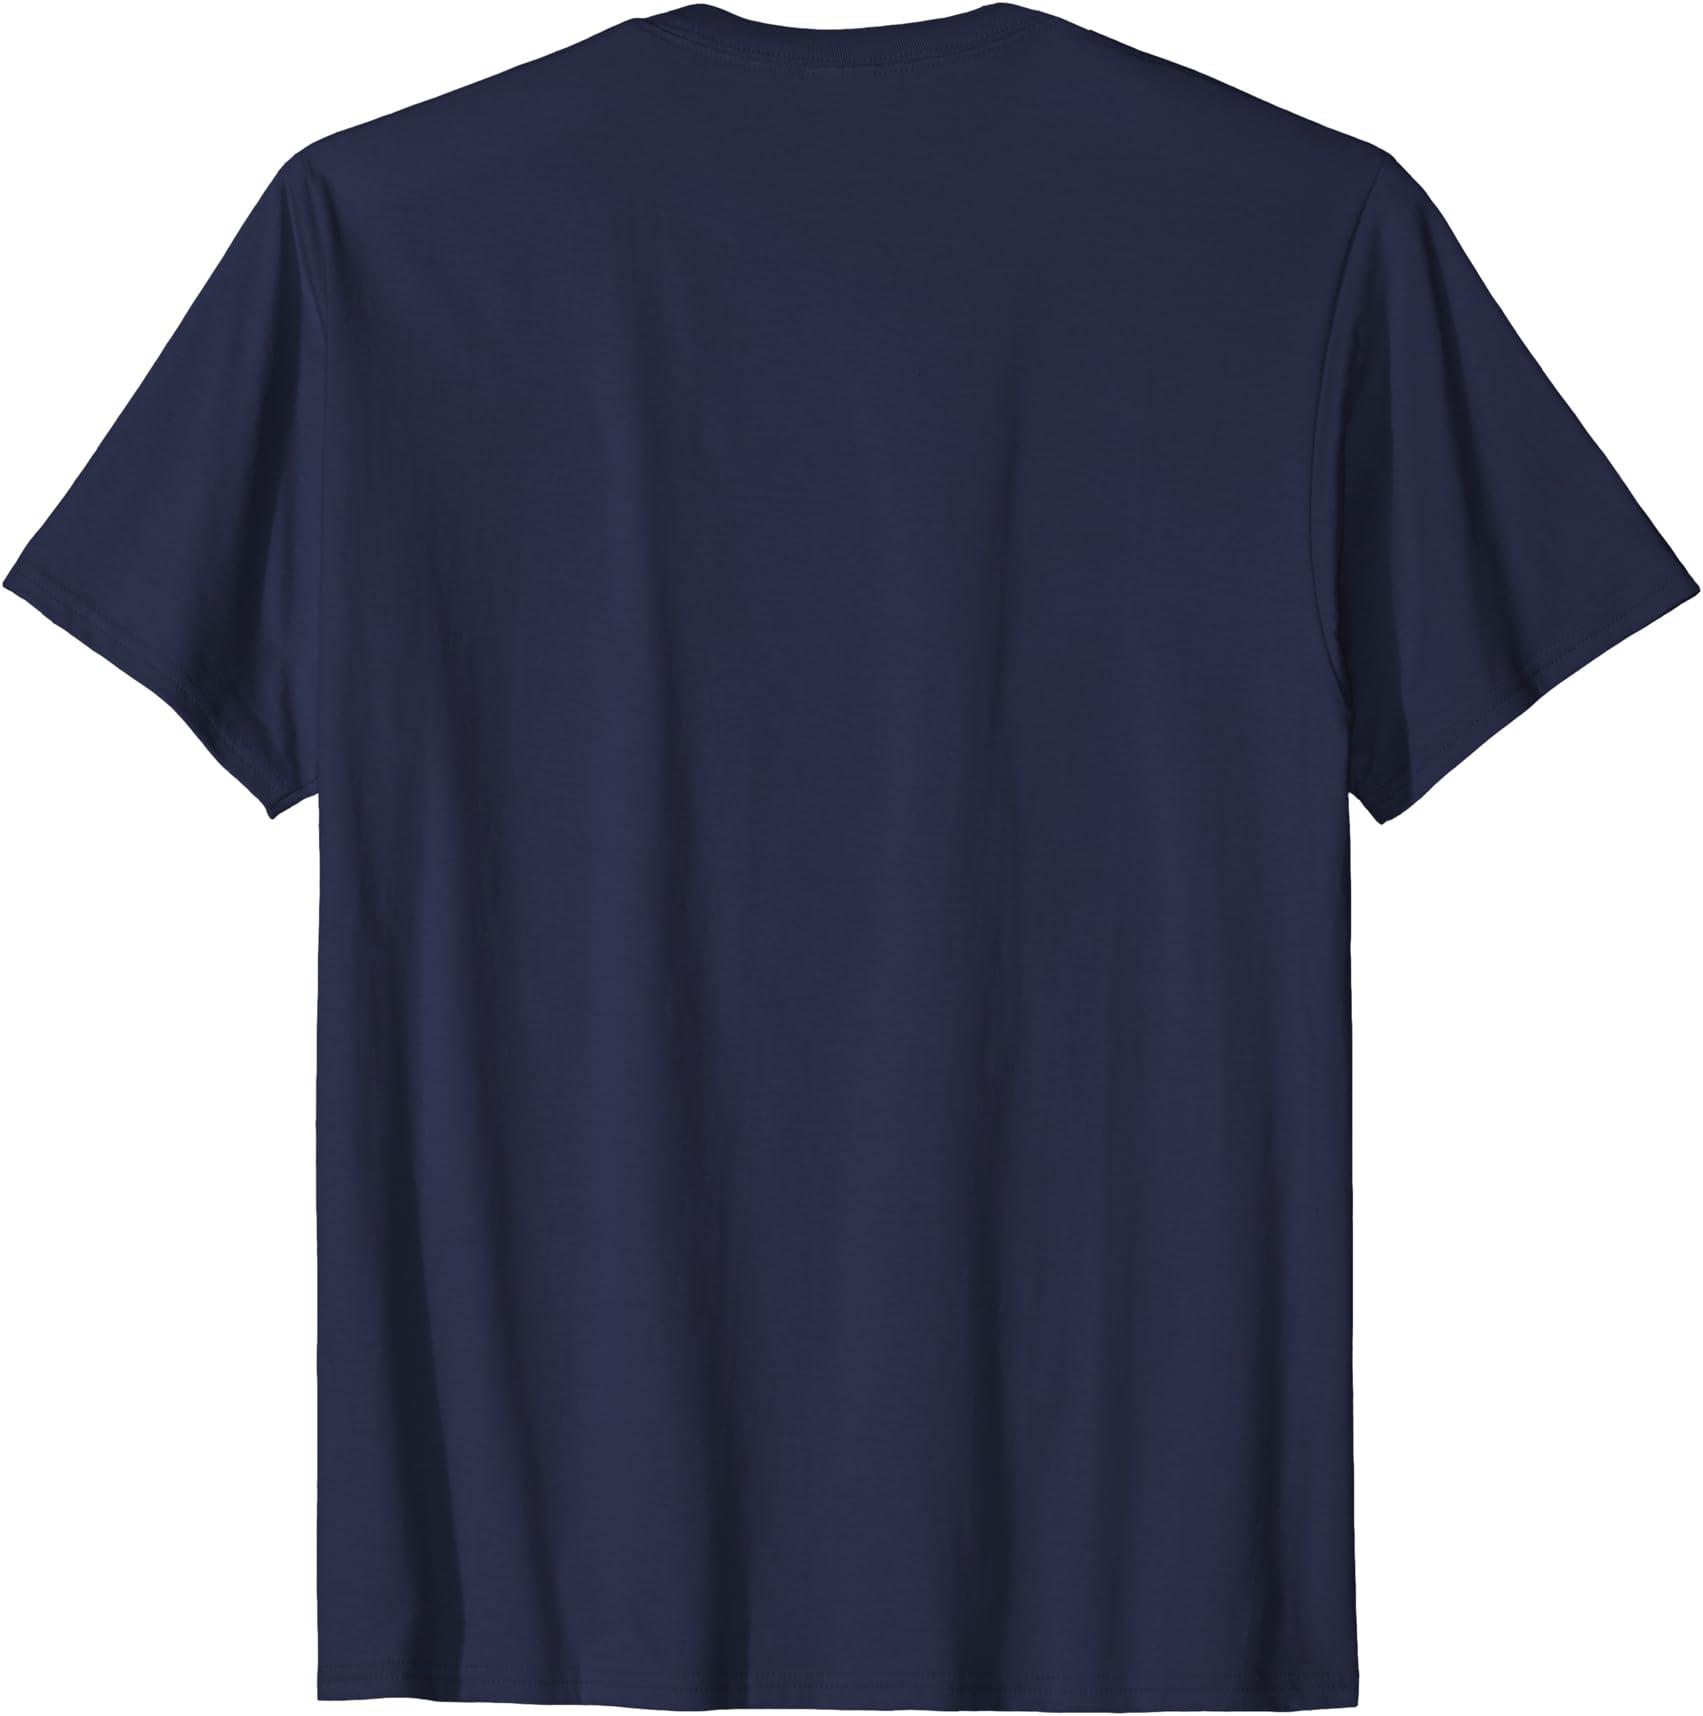 World/'s Best Tool Maker T-Shirt